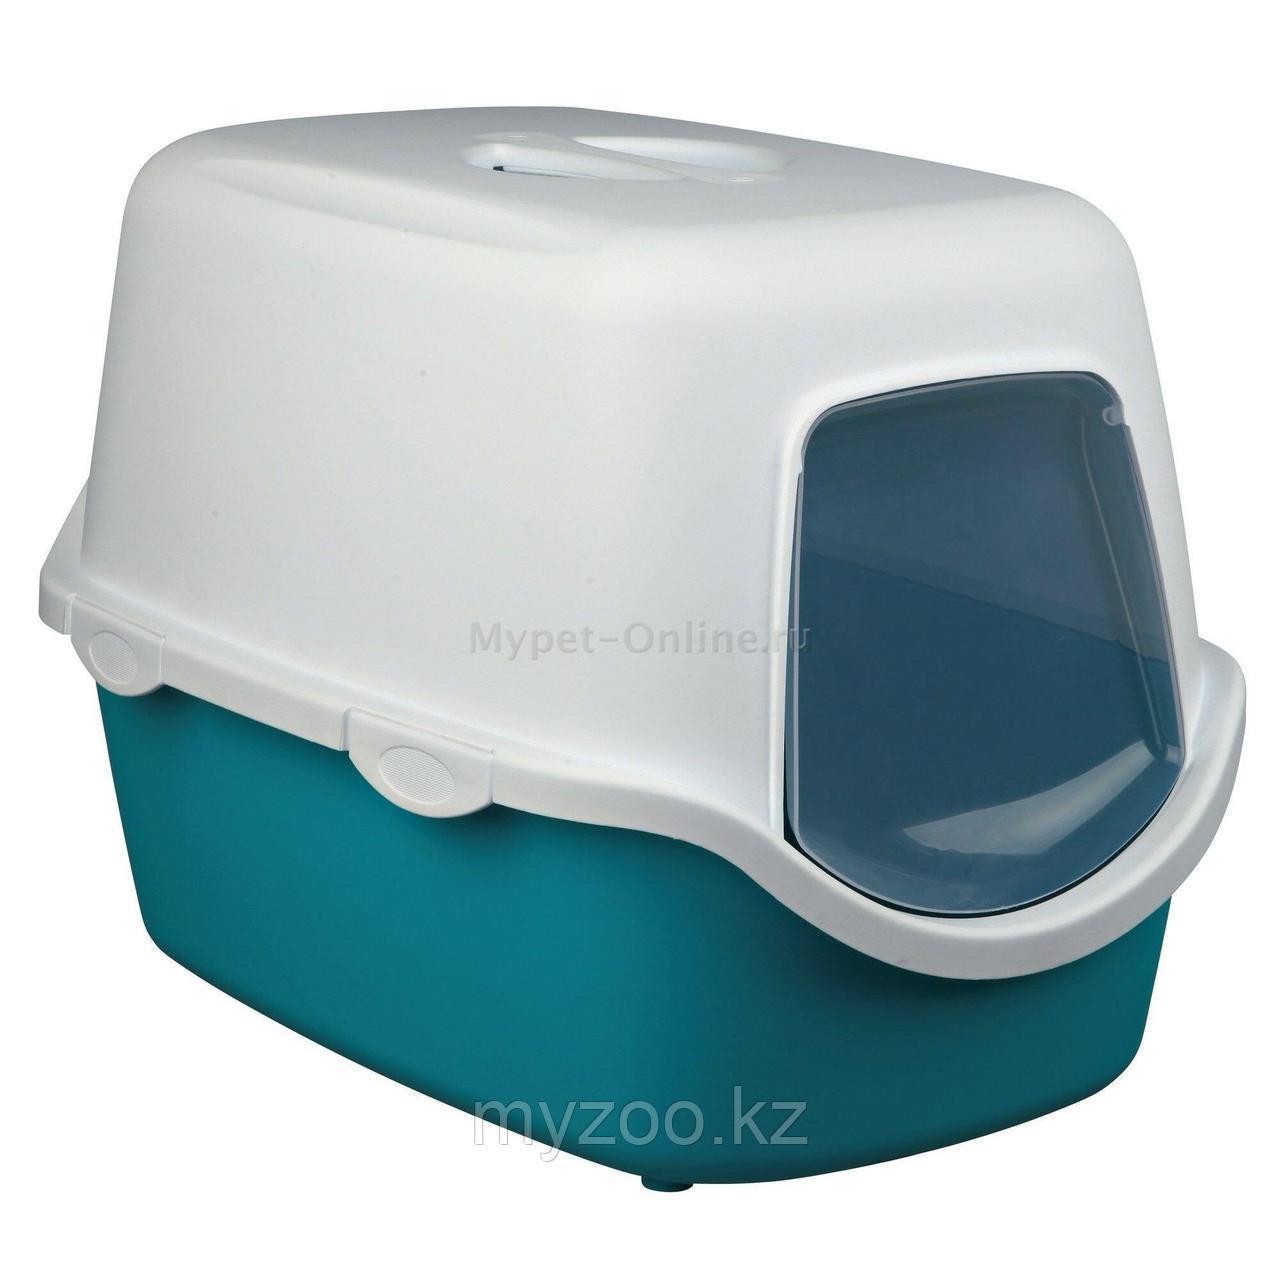 Туалет-био пластиковый с крышей,без угольного фильтра, с дверцей, размер 40×40×56см.